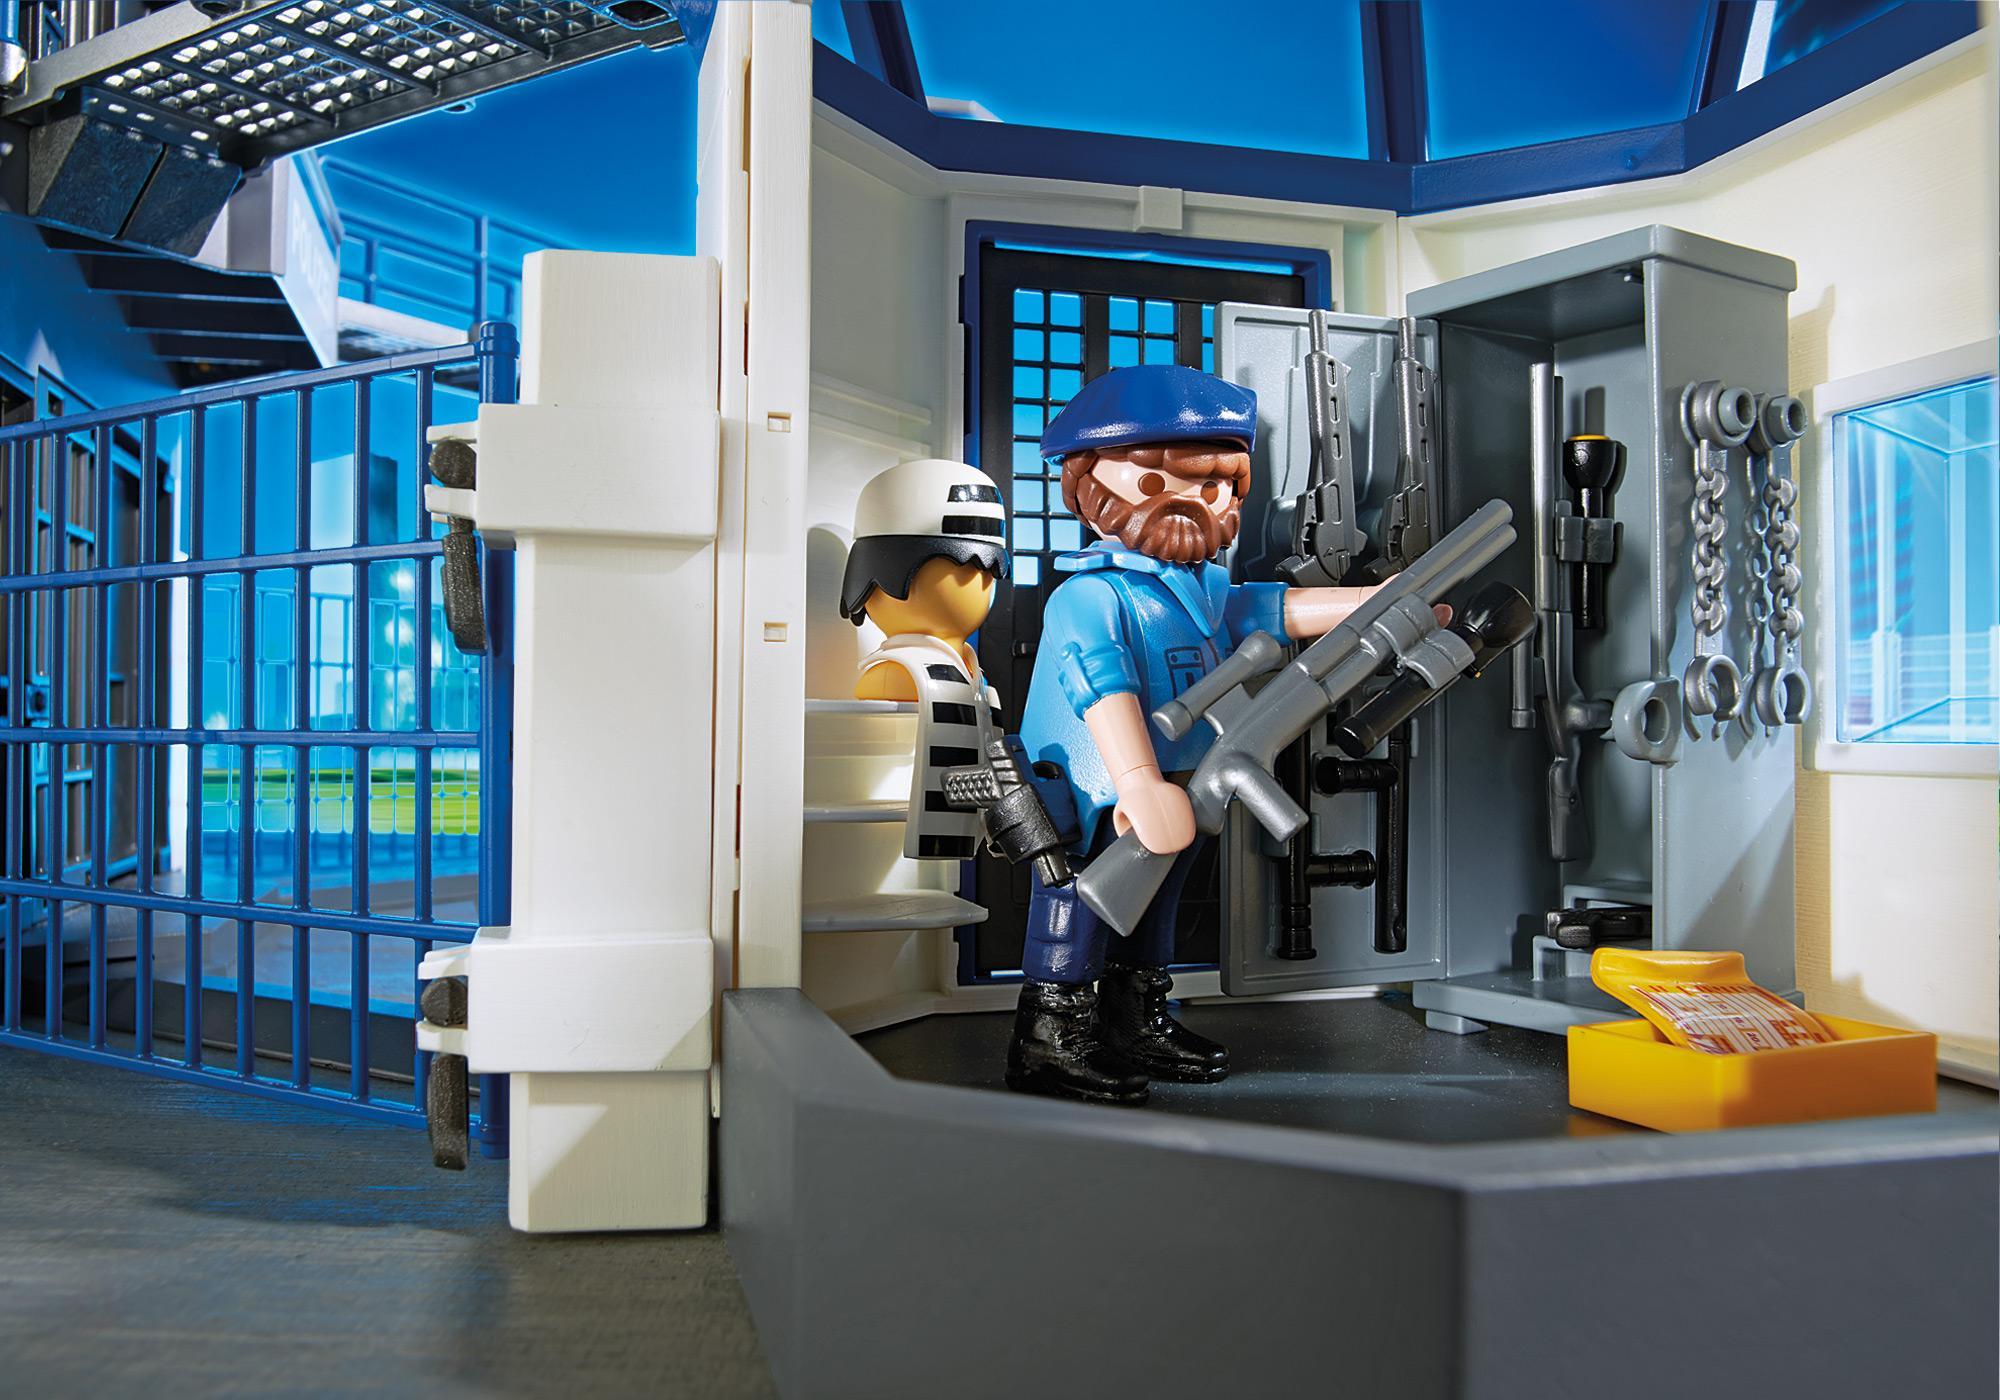 http://media.playmobil.com/i/playmobil/6919_product_extra3/Stazione della polizia con prigione